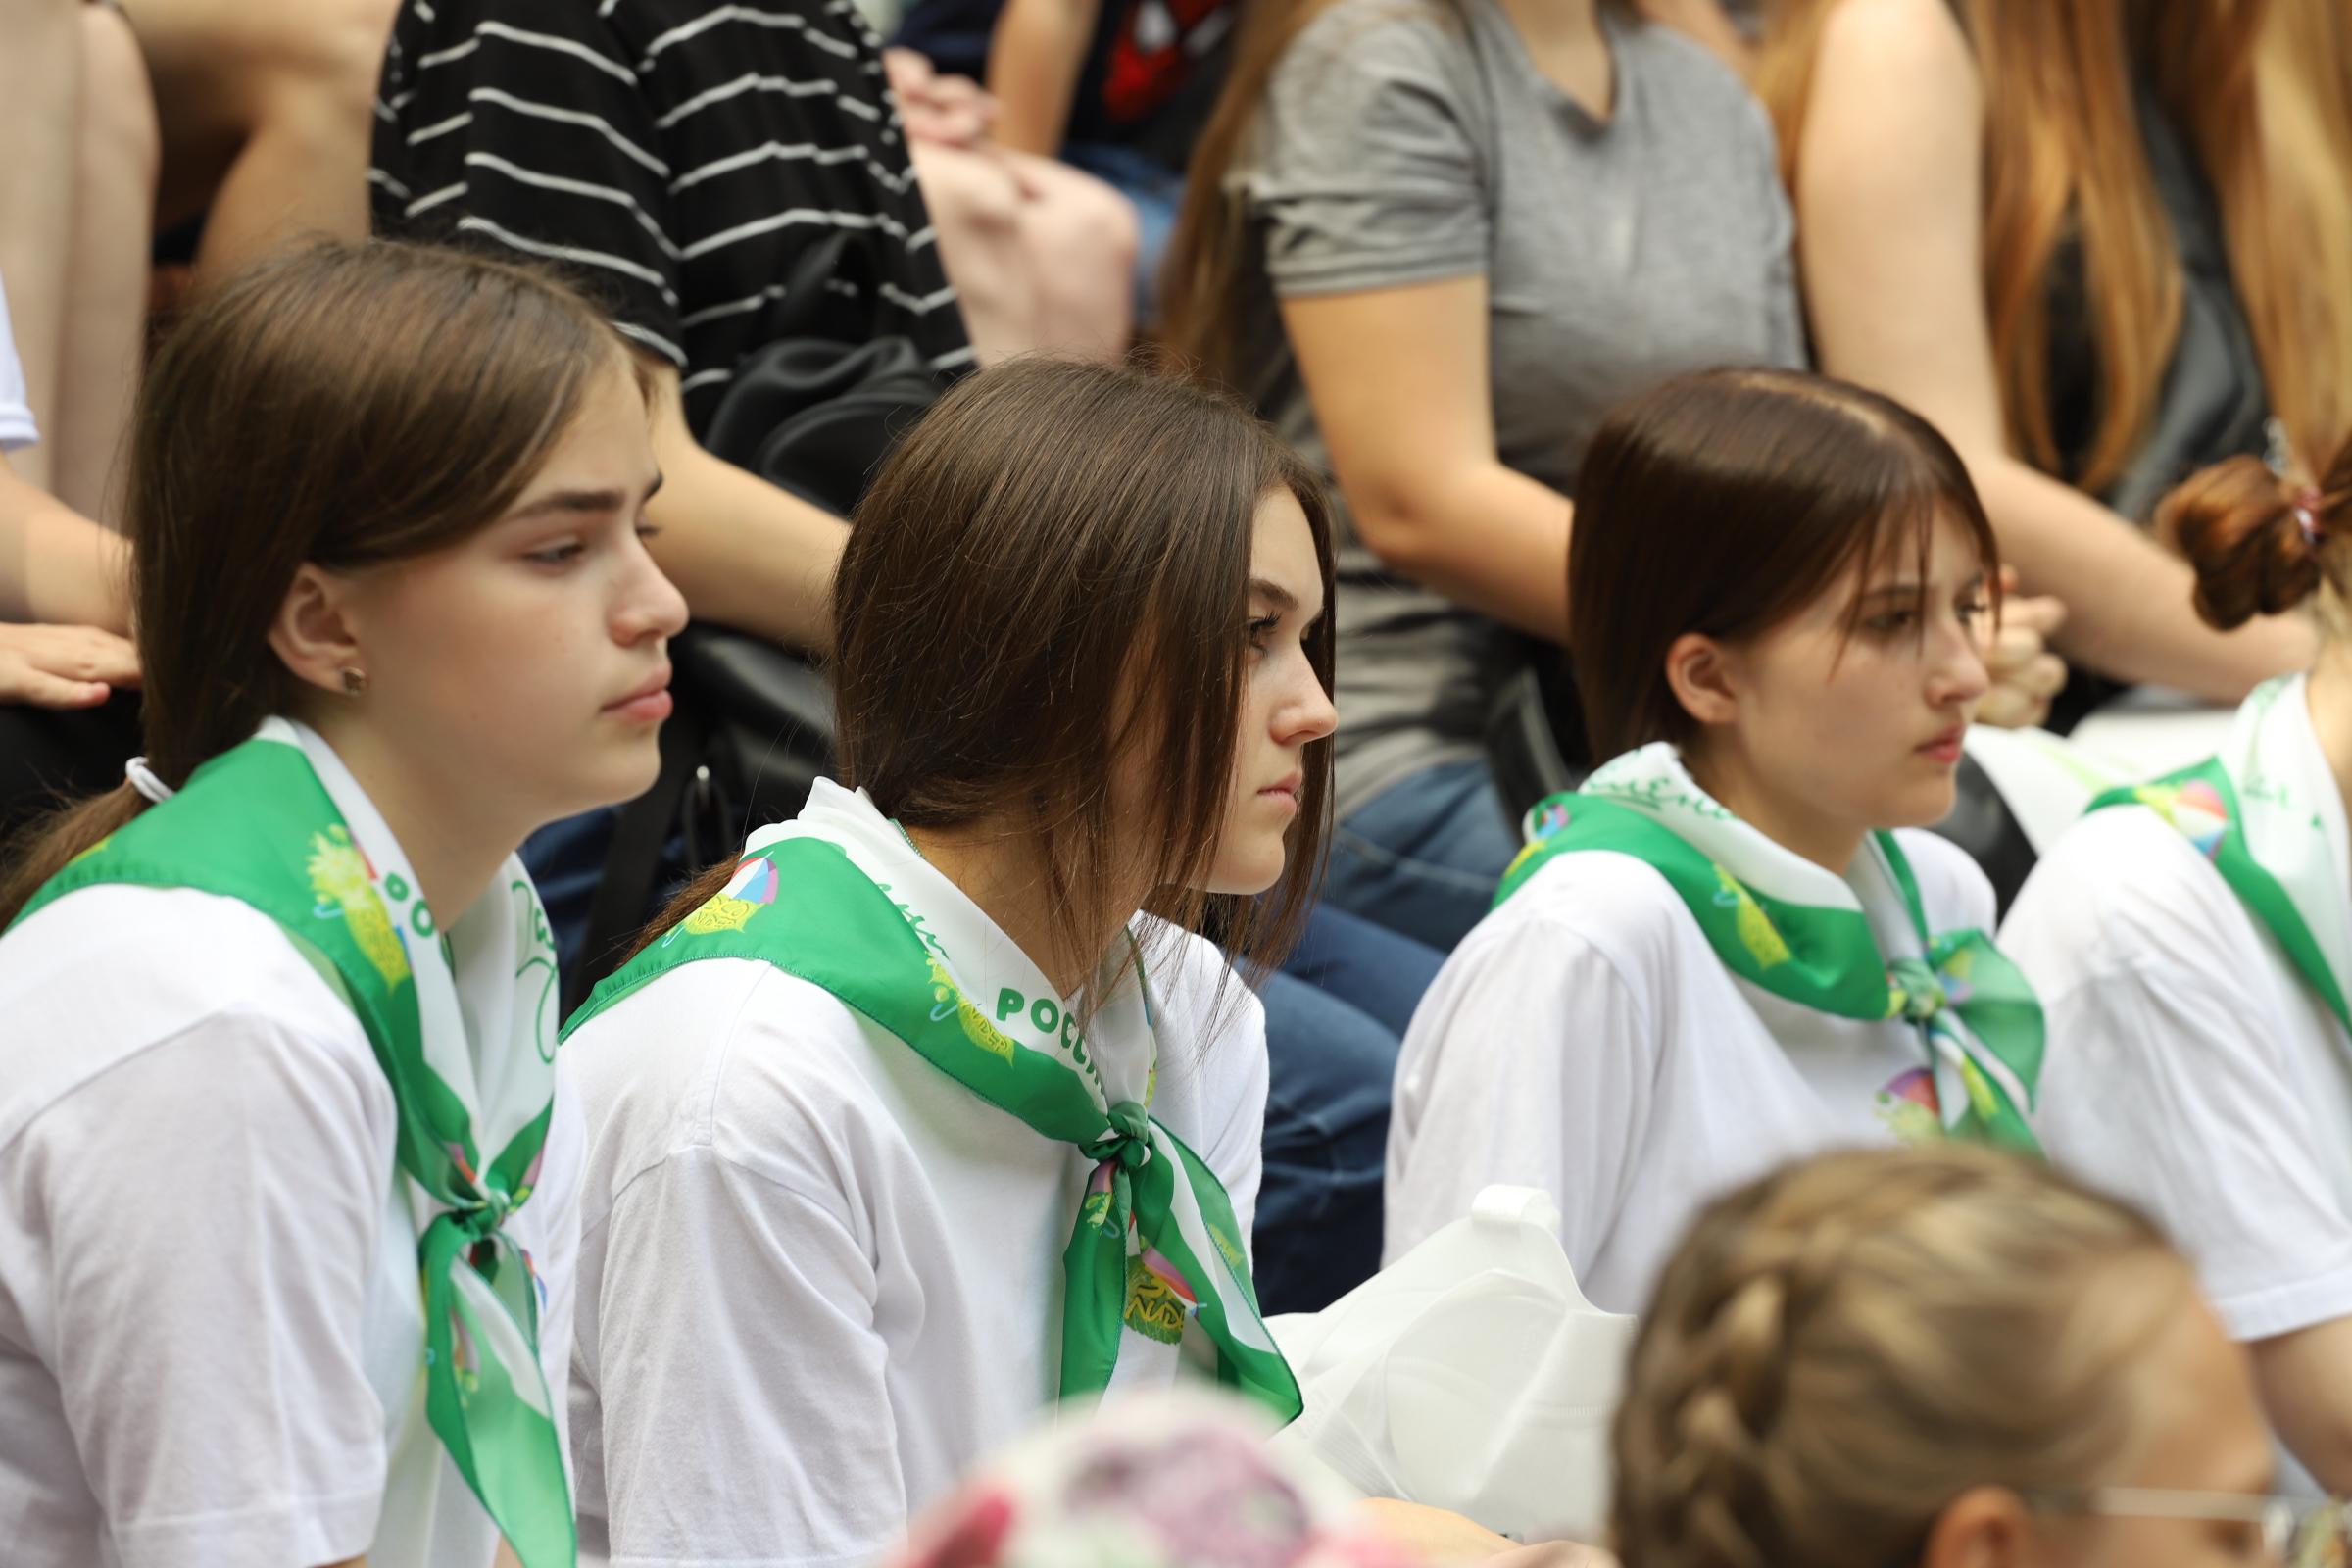 Всероссийский экомарафон «Дни зелёных действий» стартовал в Липецке